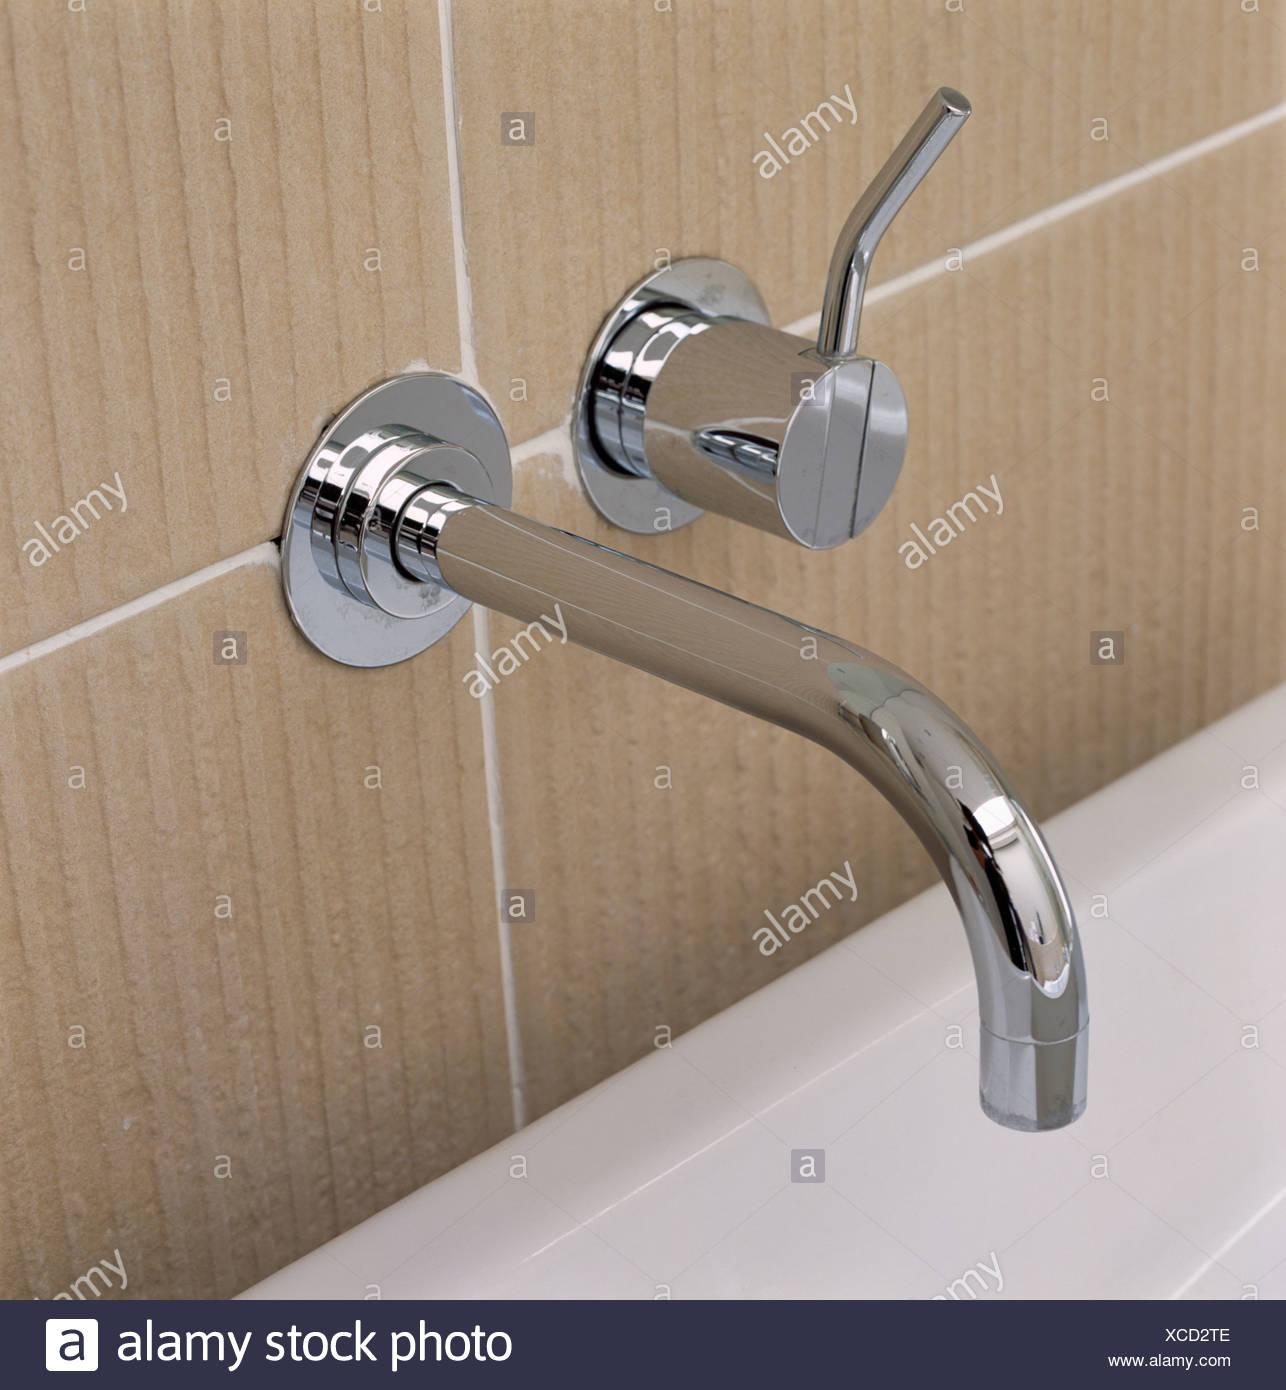 Close Up Chrome Bath Taps Stock Photos & Close Up Chrome Bath Taps ...